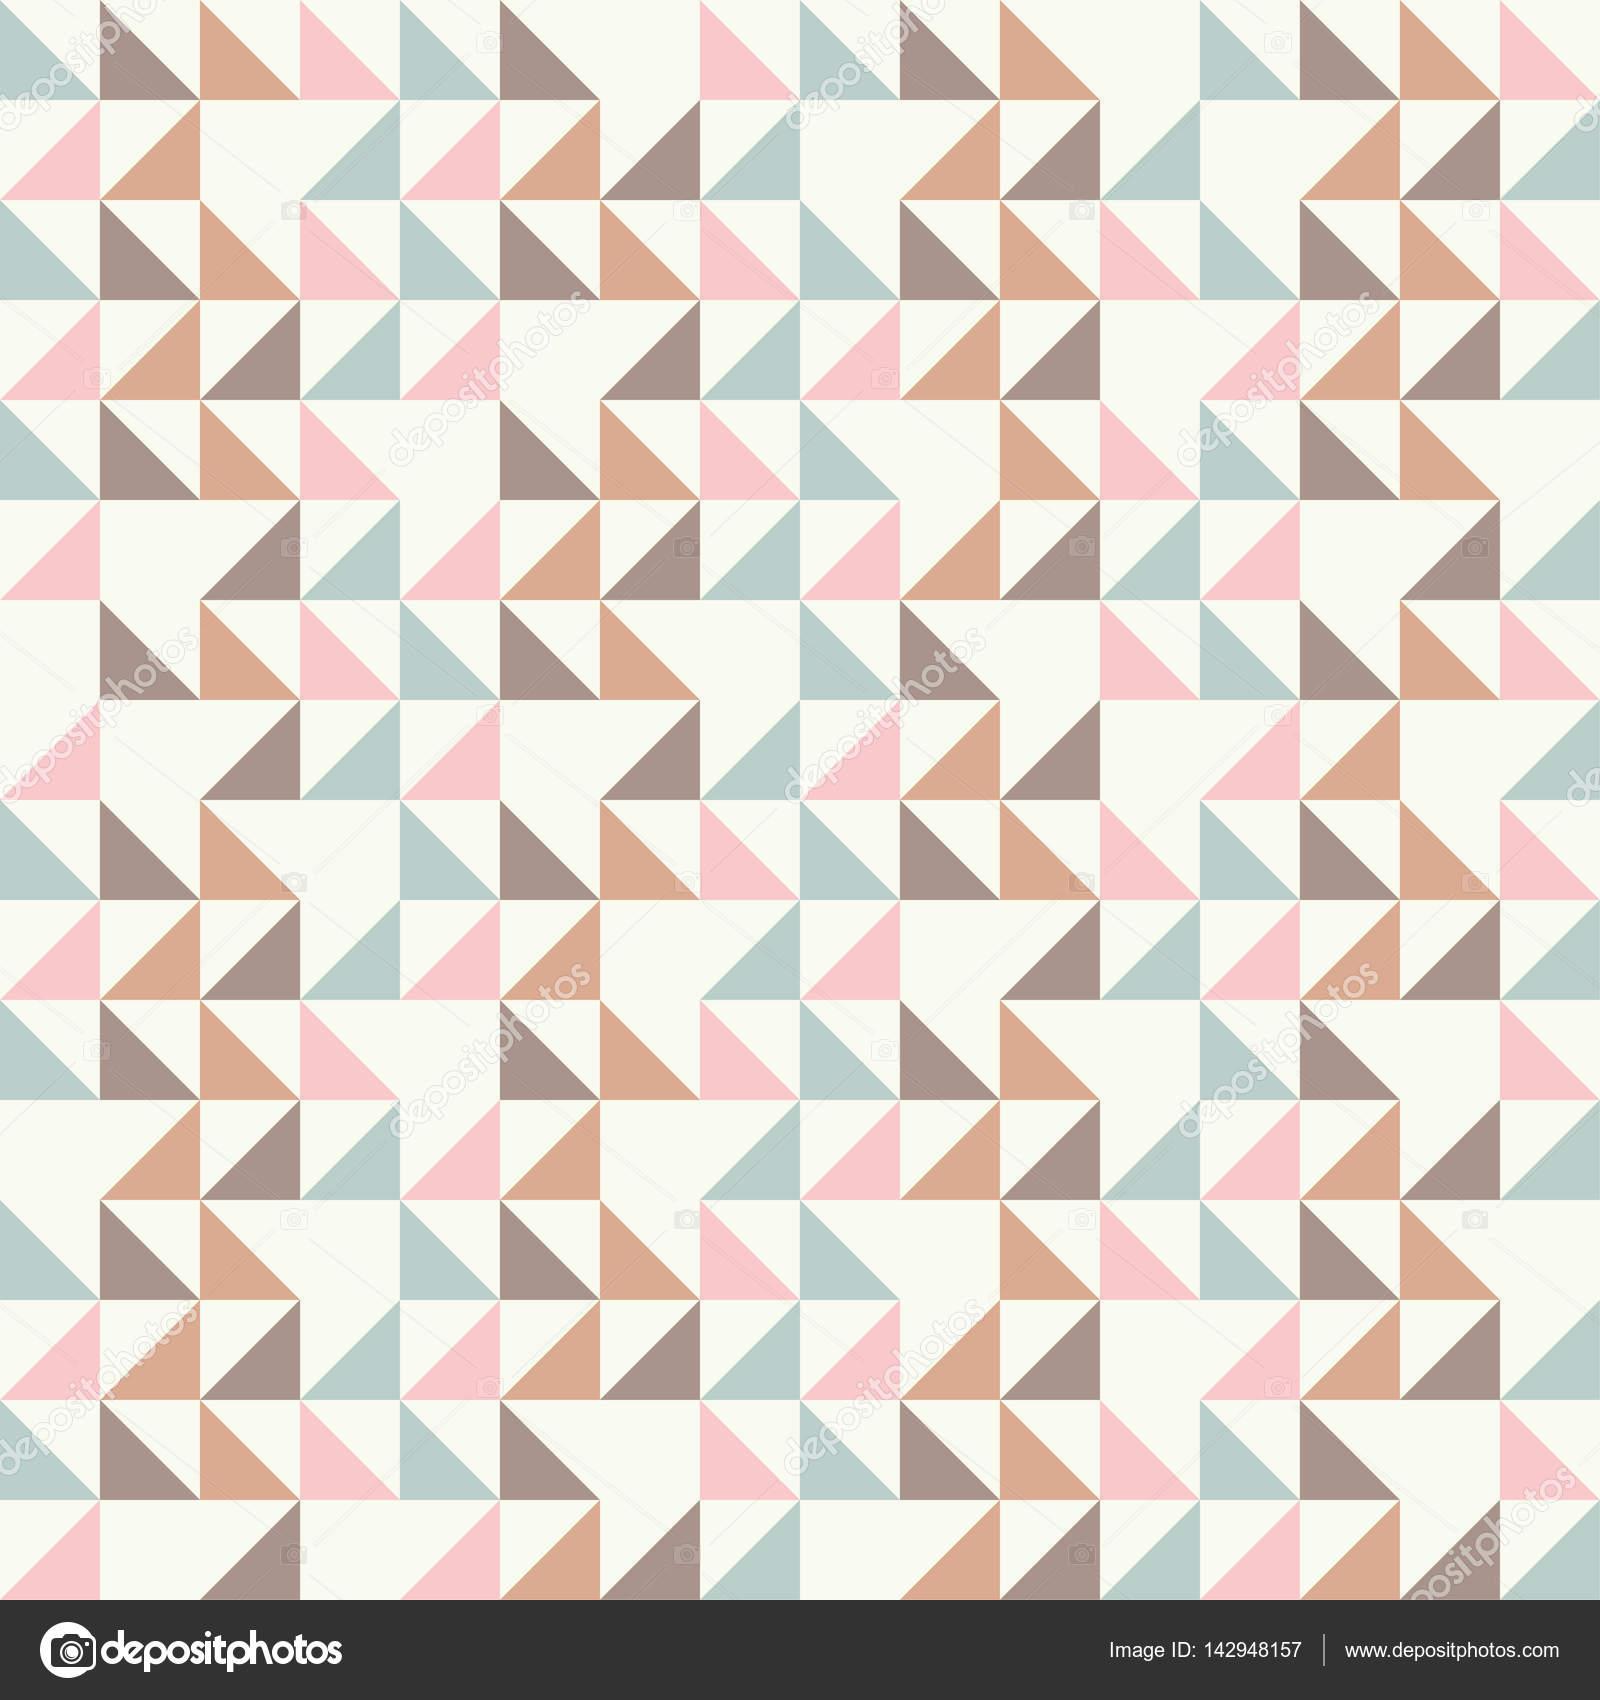 motif g om trique sans soudure imprimer fond extensible conception de tissu papier peint. Black Bedroom Furniture Sets. Home Design Ideas